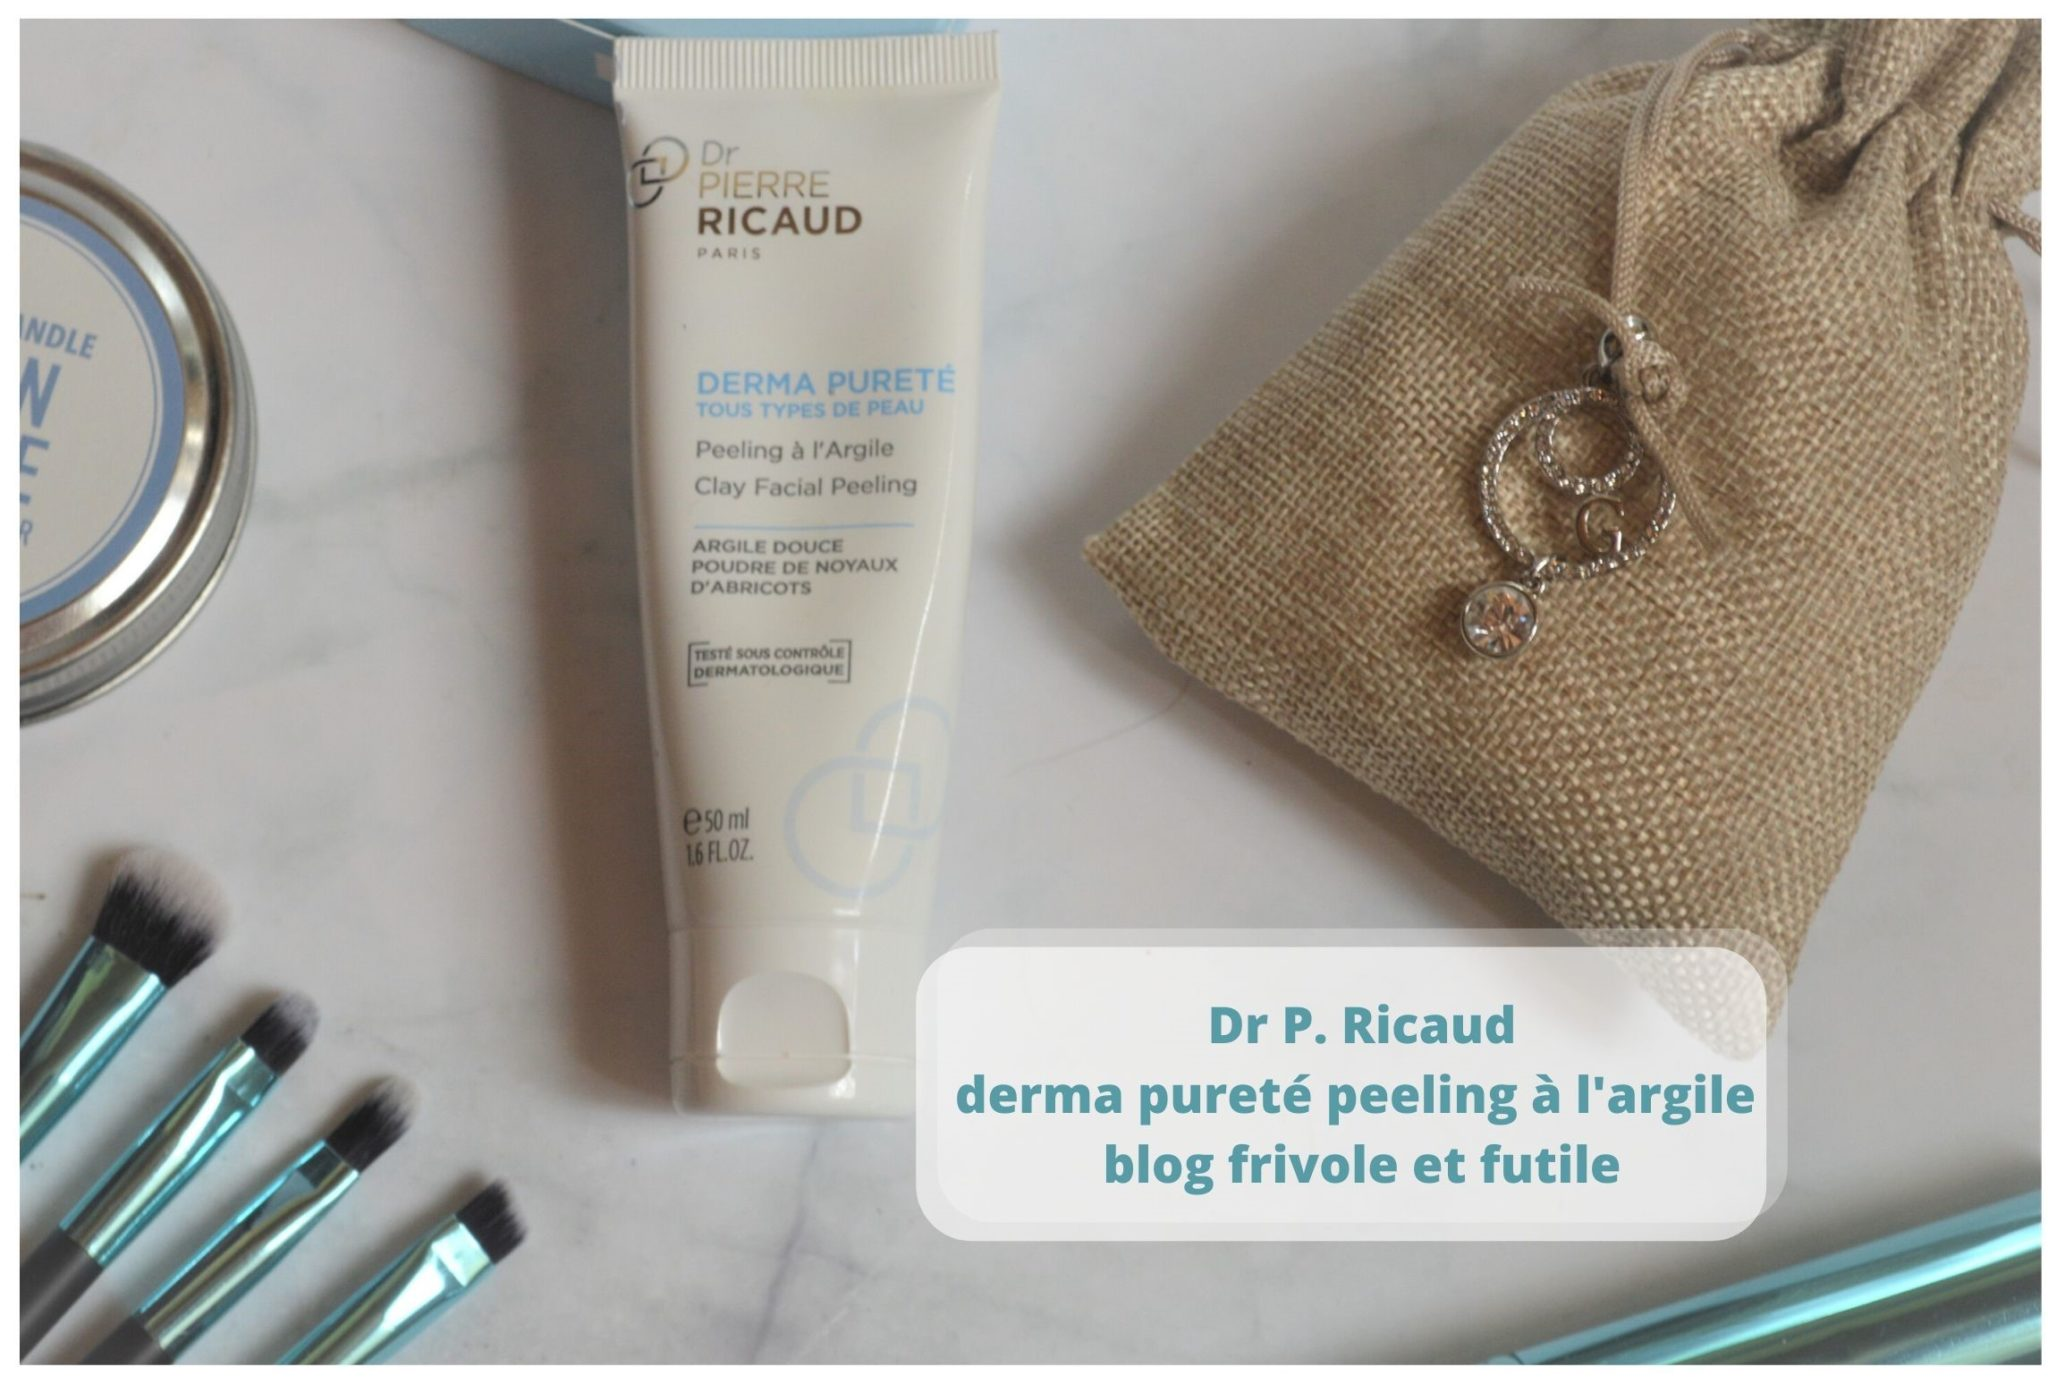 derma pureté peeling à l'argile Dr P. Ricaud